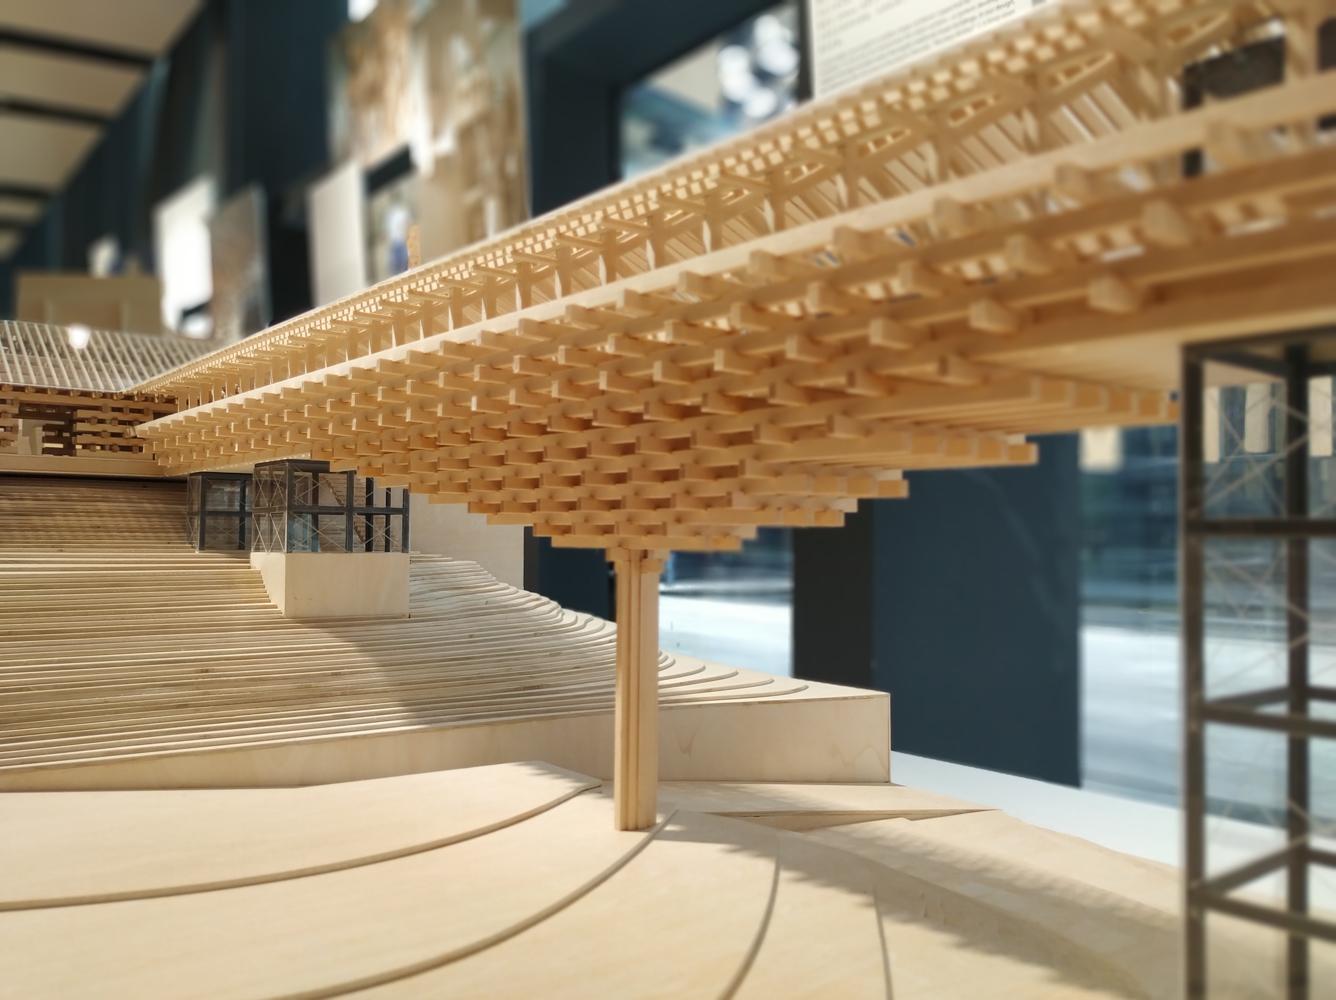 Horizontal Facade Architecture